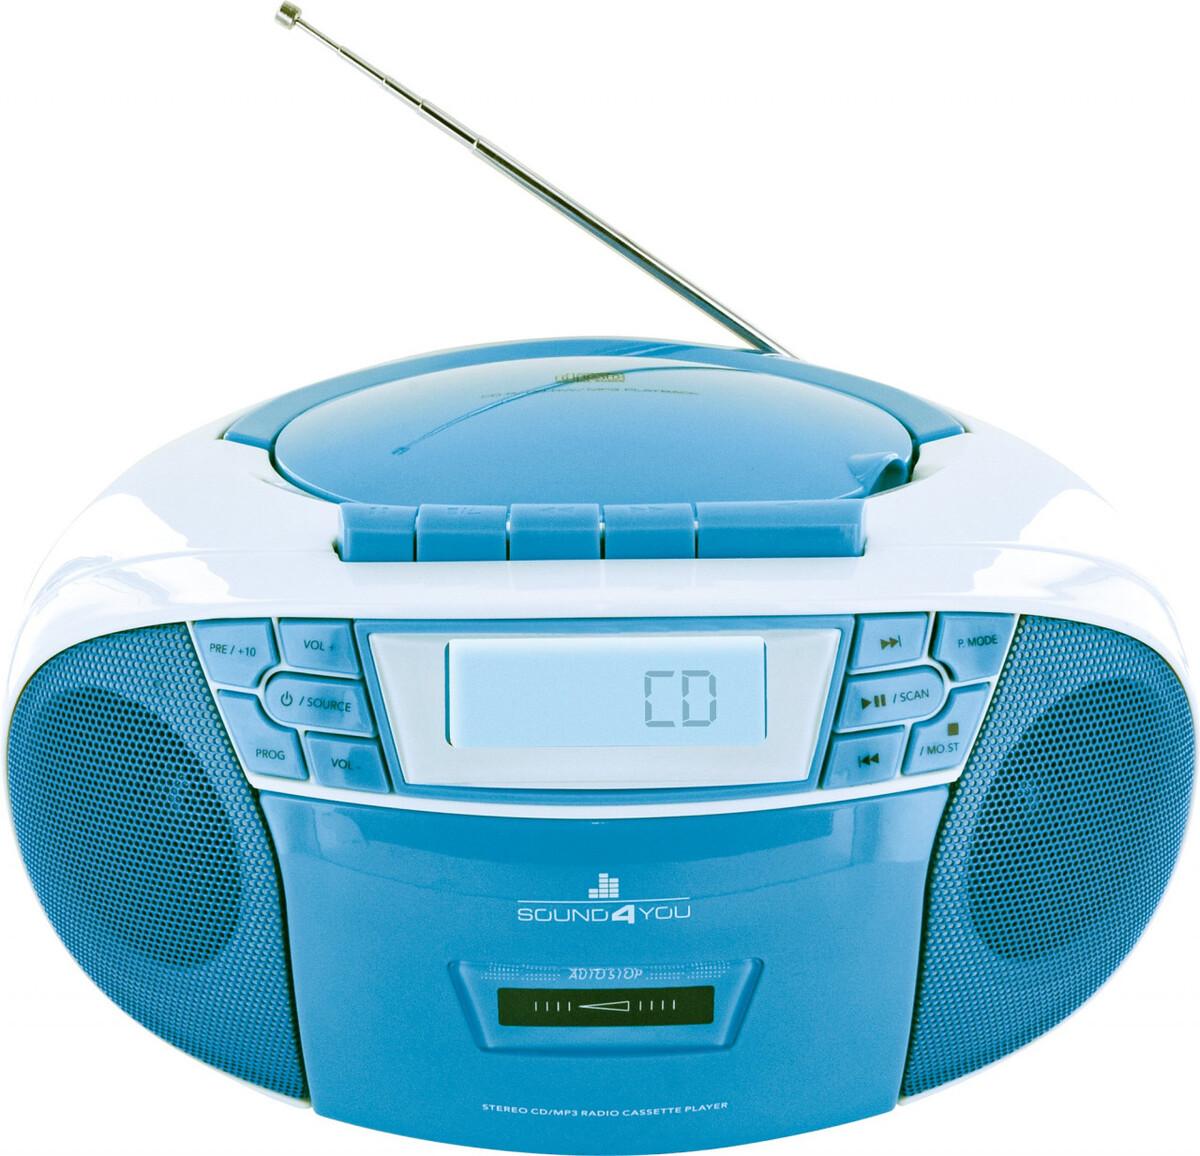 Bild 1 von Schwaiger Tragbarer CD-Player mit Kassettendeck und FM Radio, blau